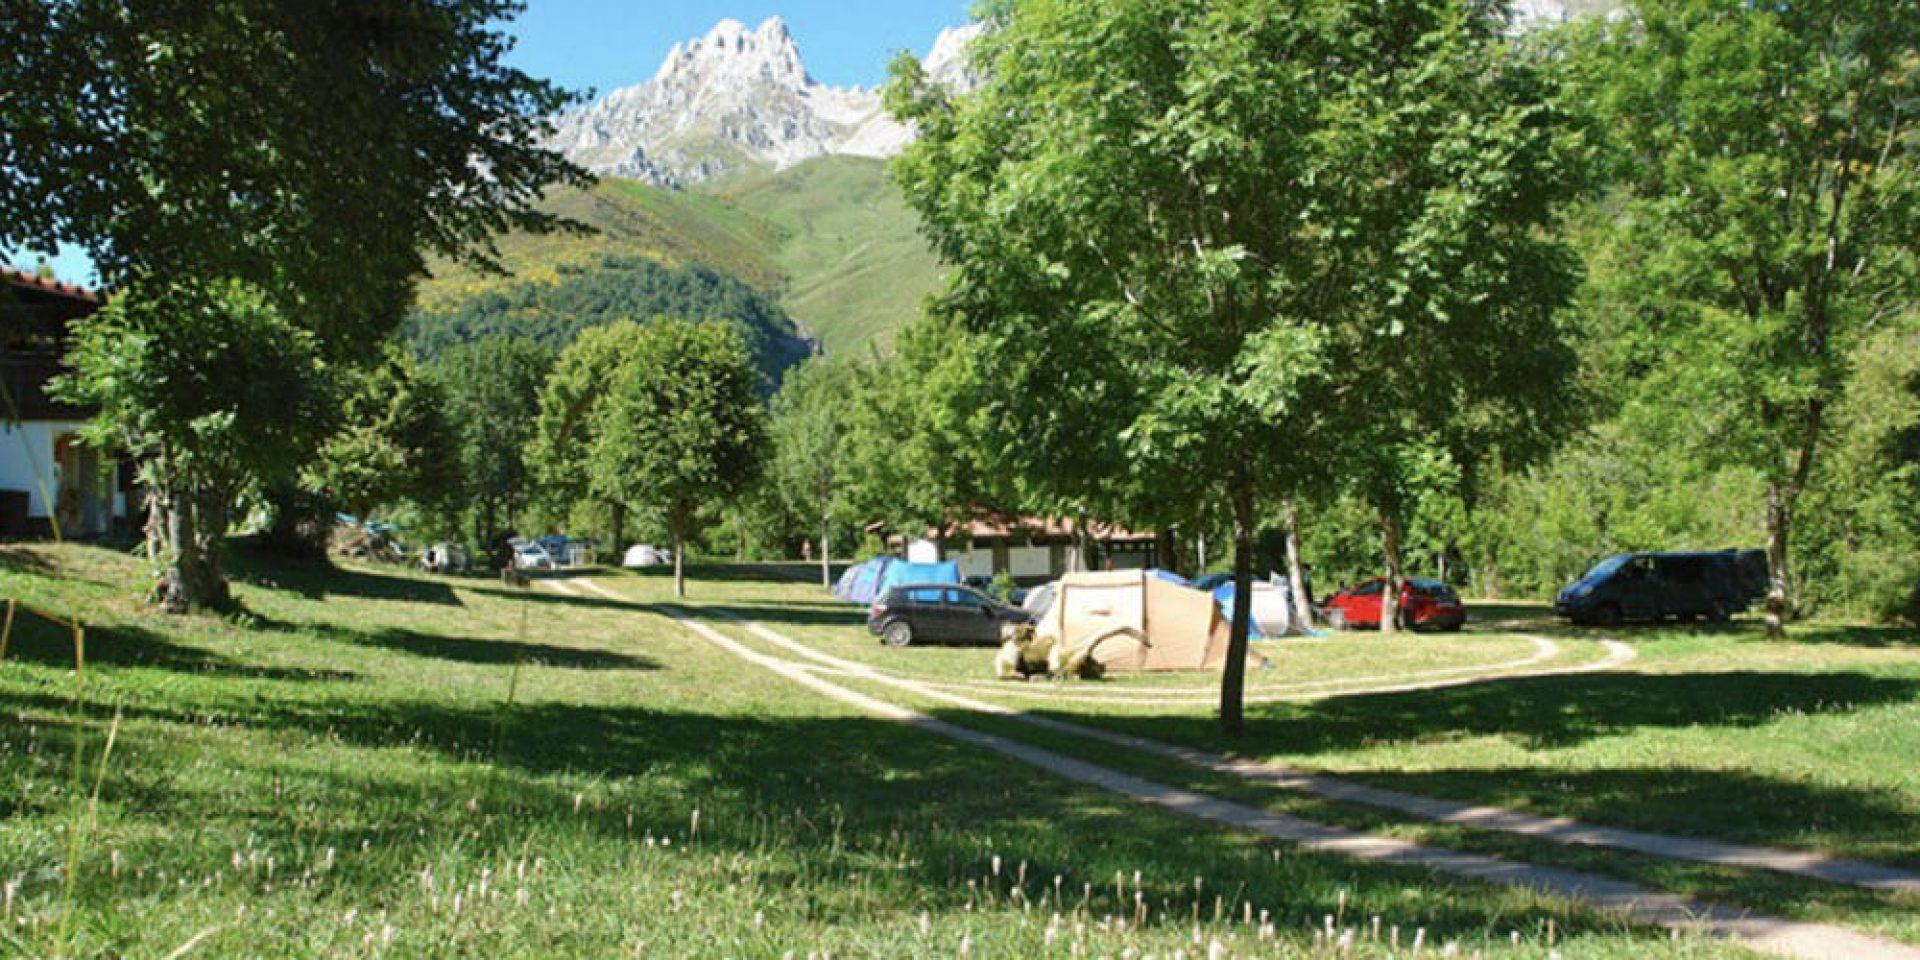 acampada cerca del puente